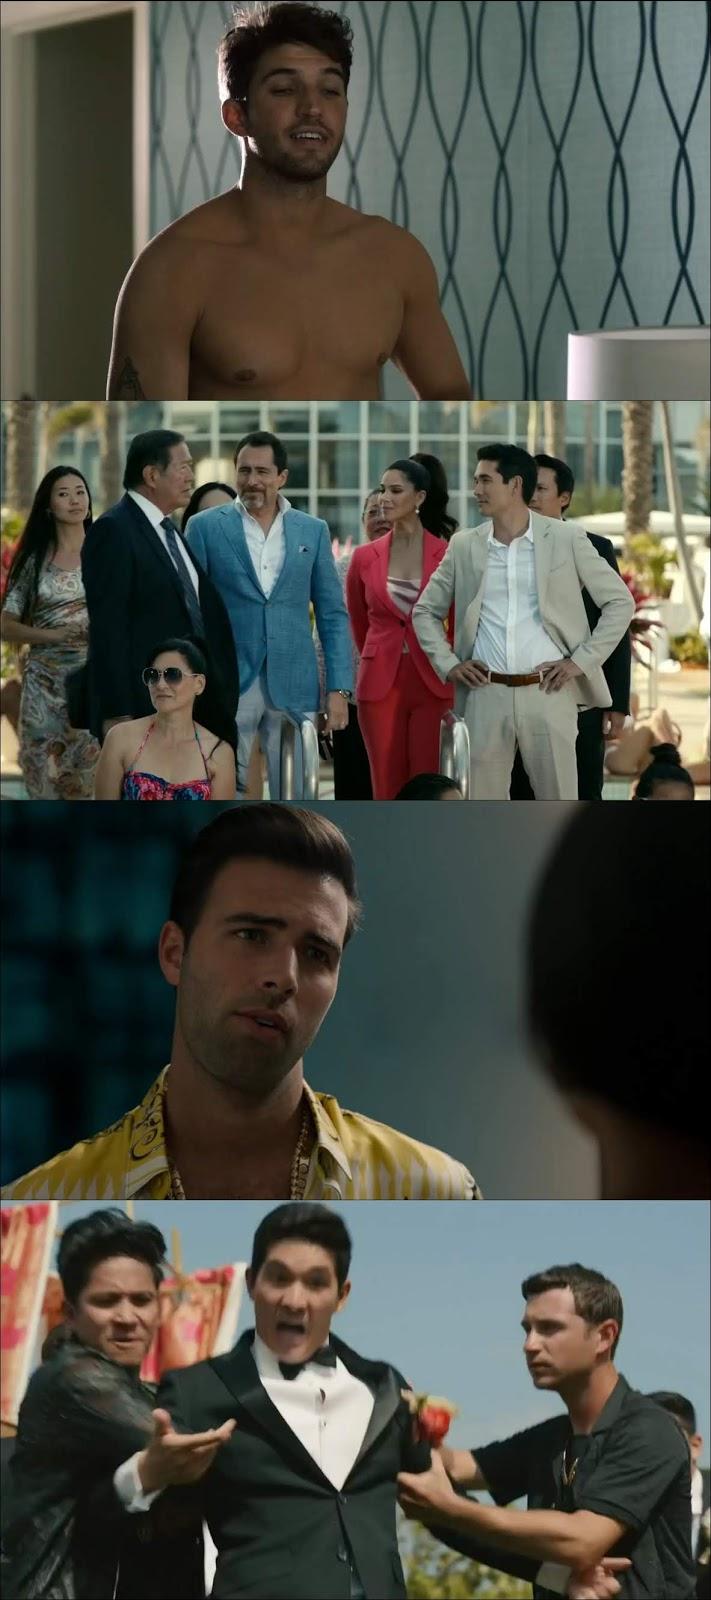 Grand Hotel Temporada 1 Completa HD 720p Latino